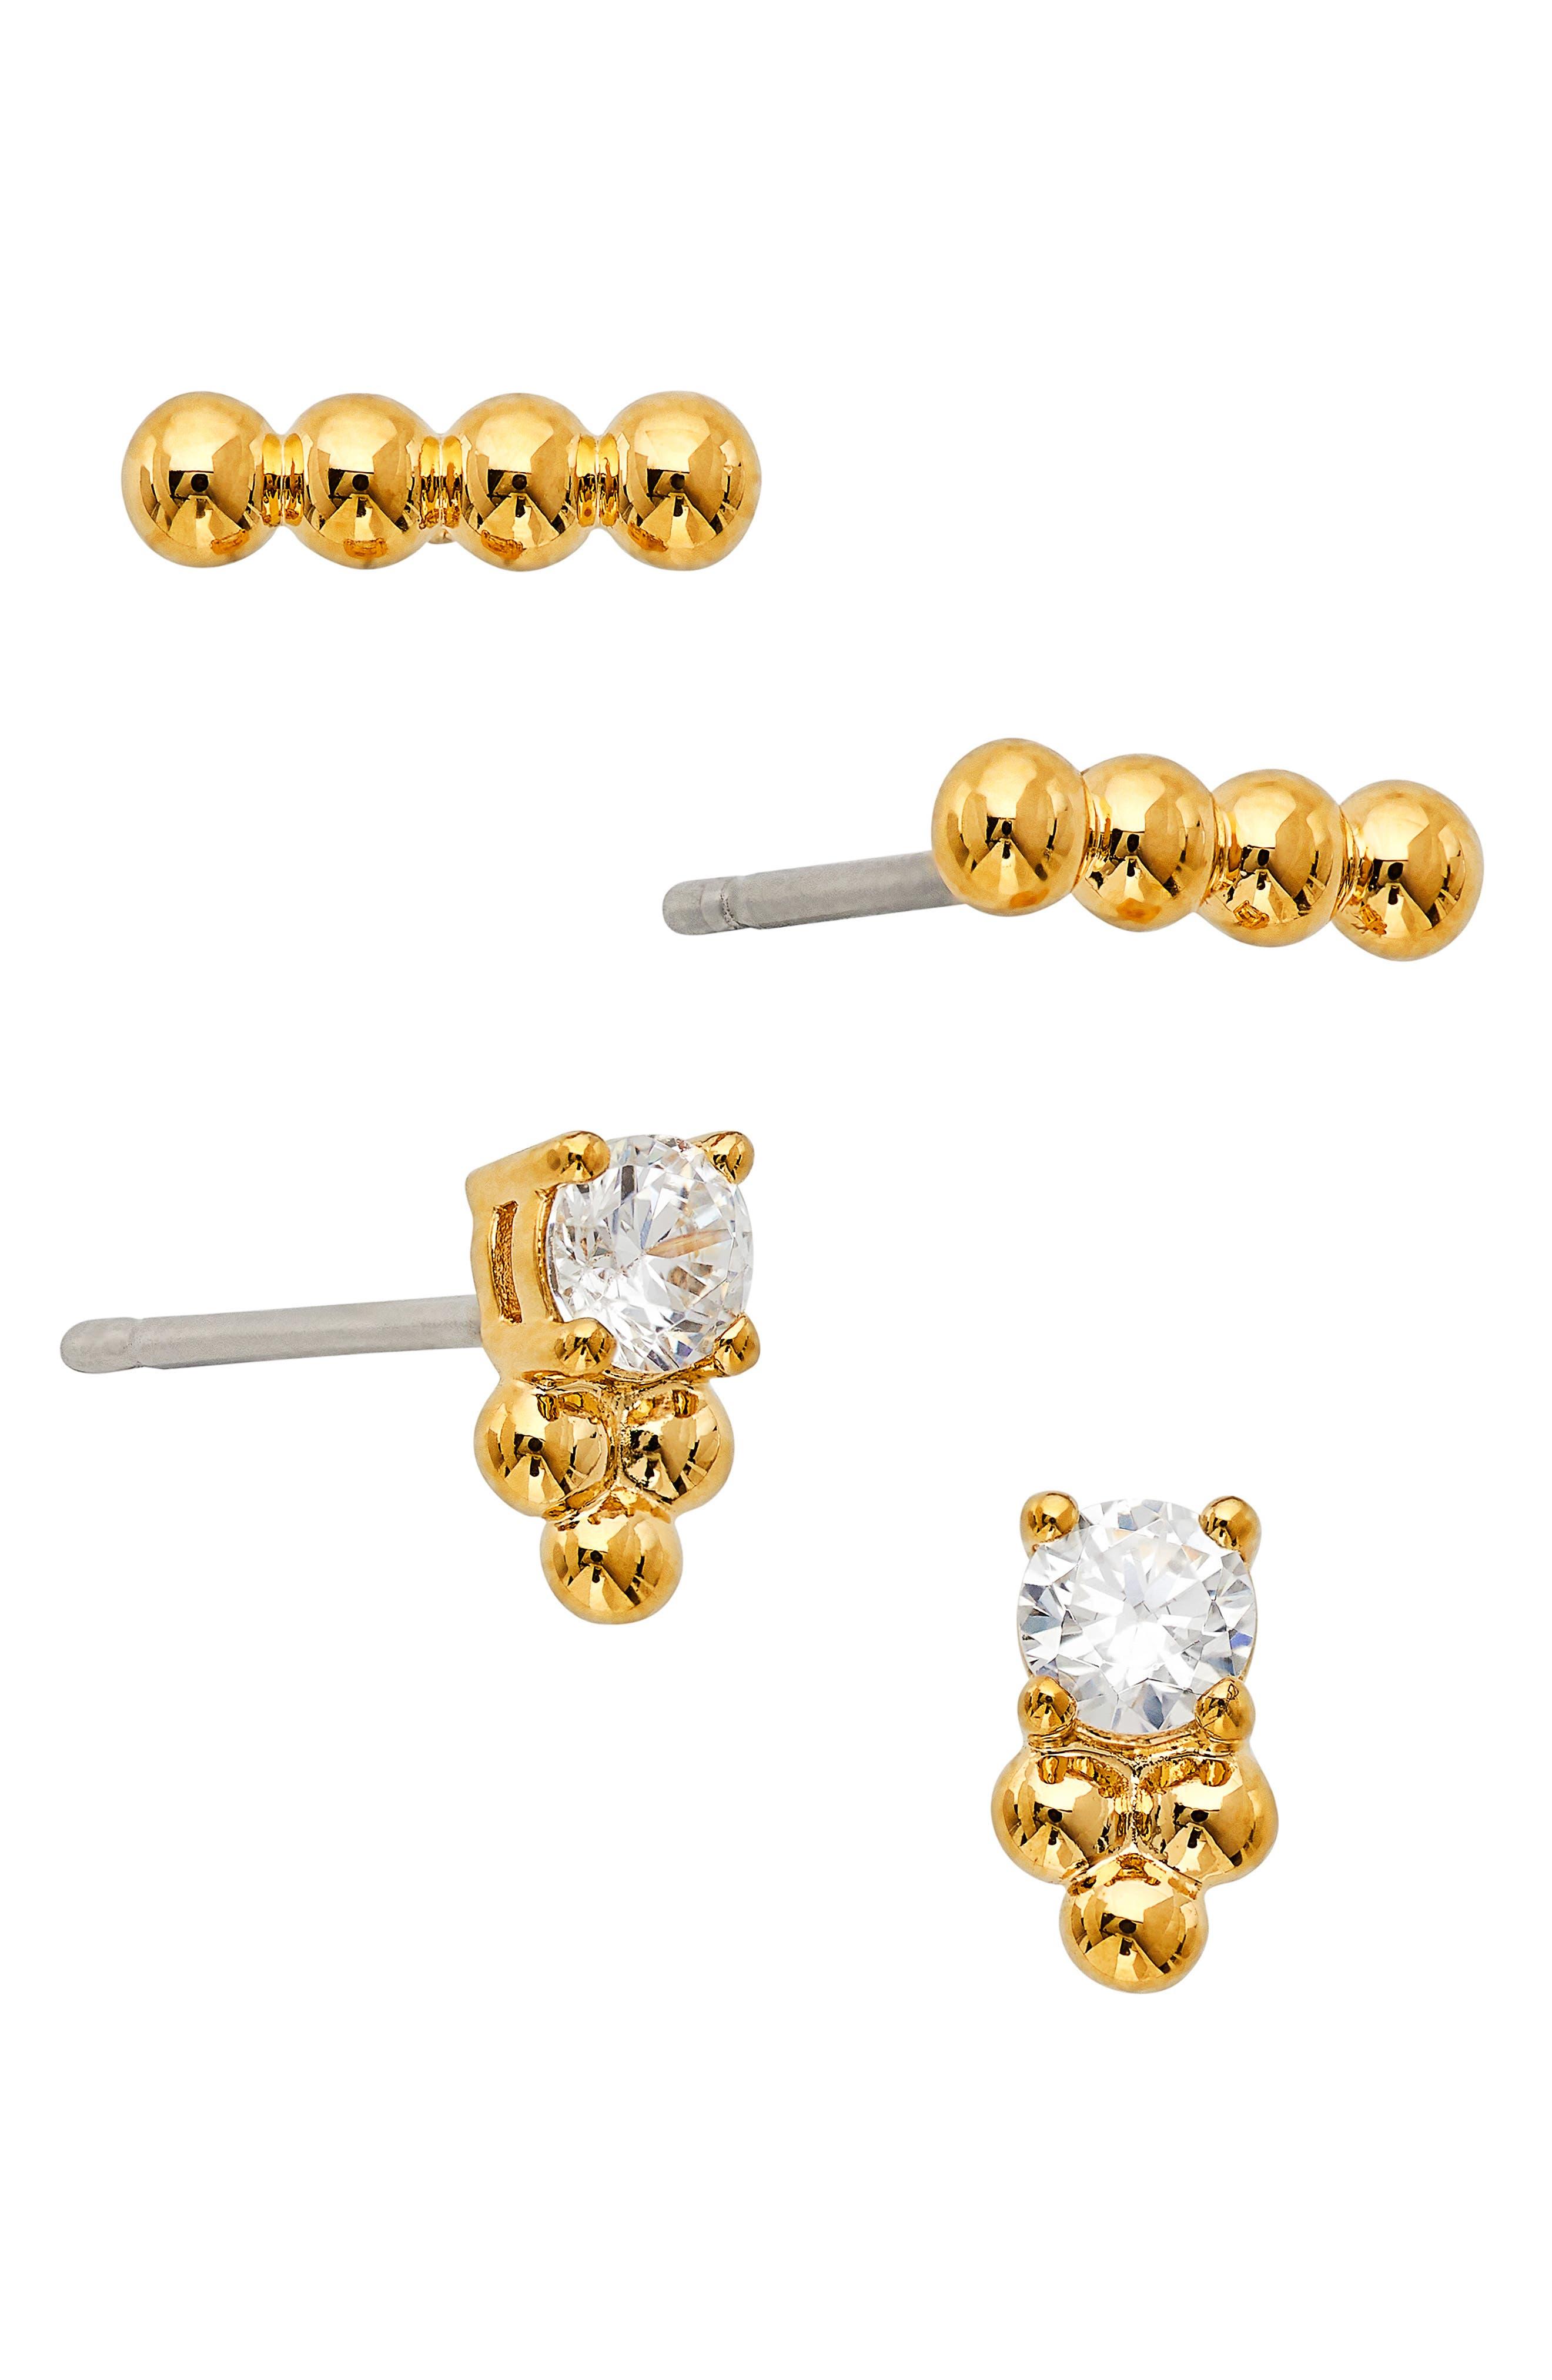 Lala Set Of 4 Stud Earrings